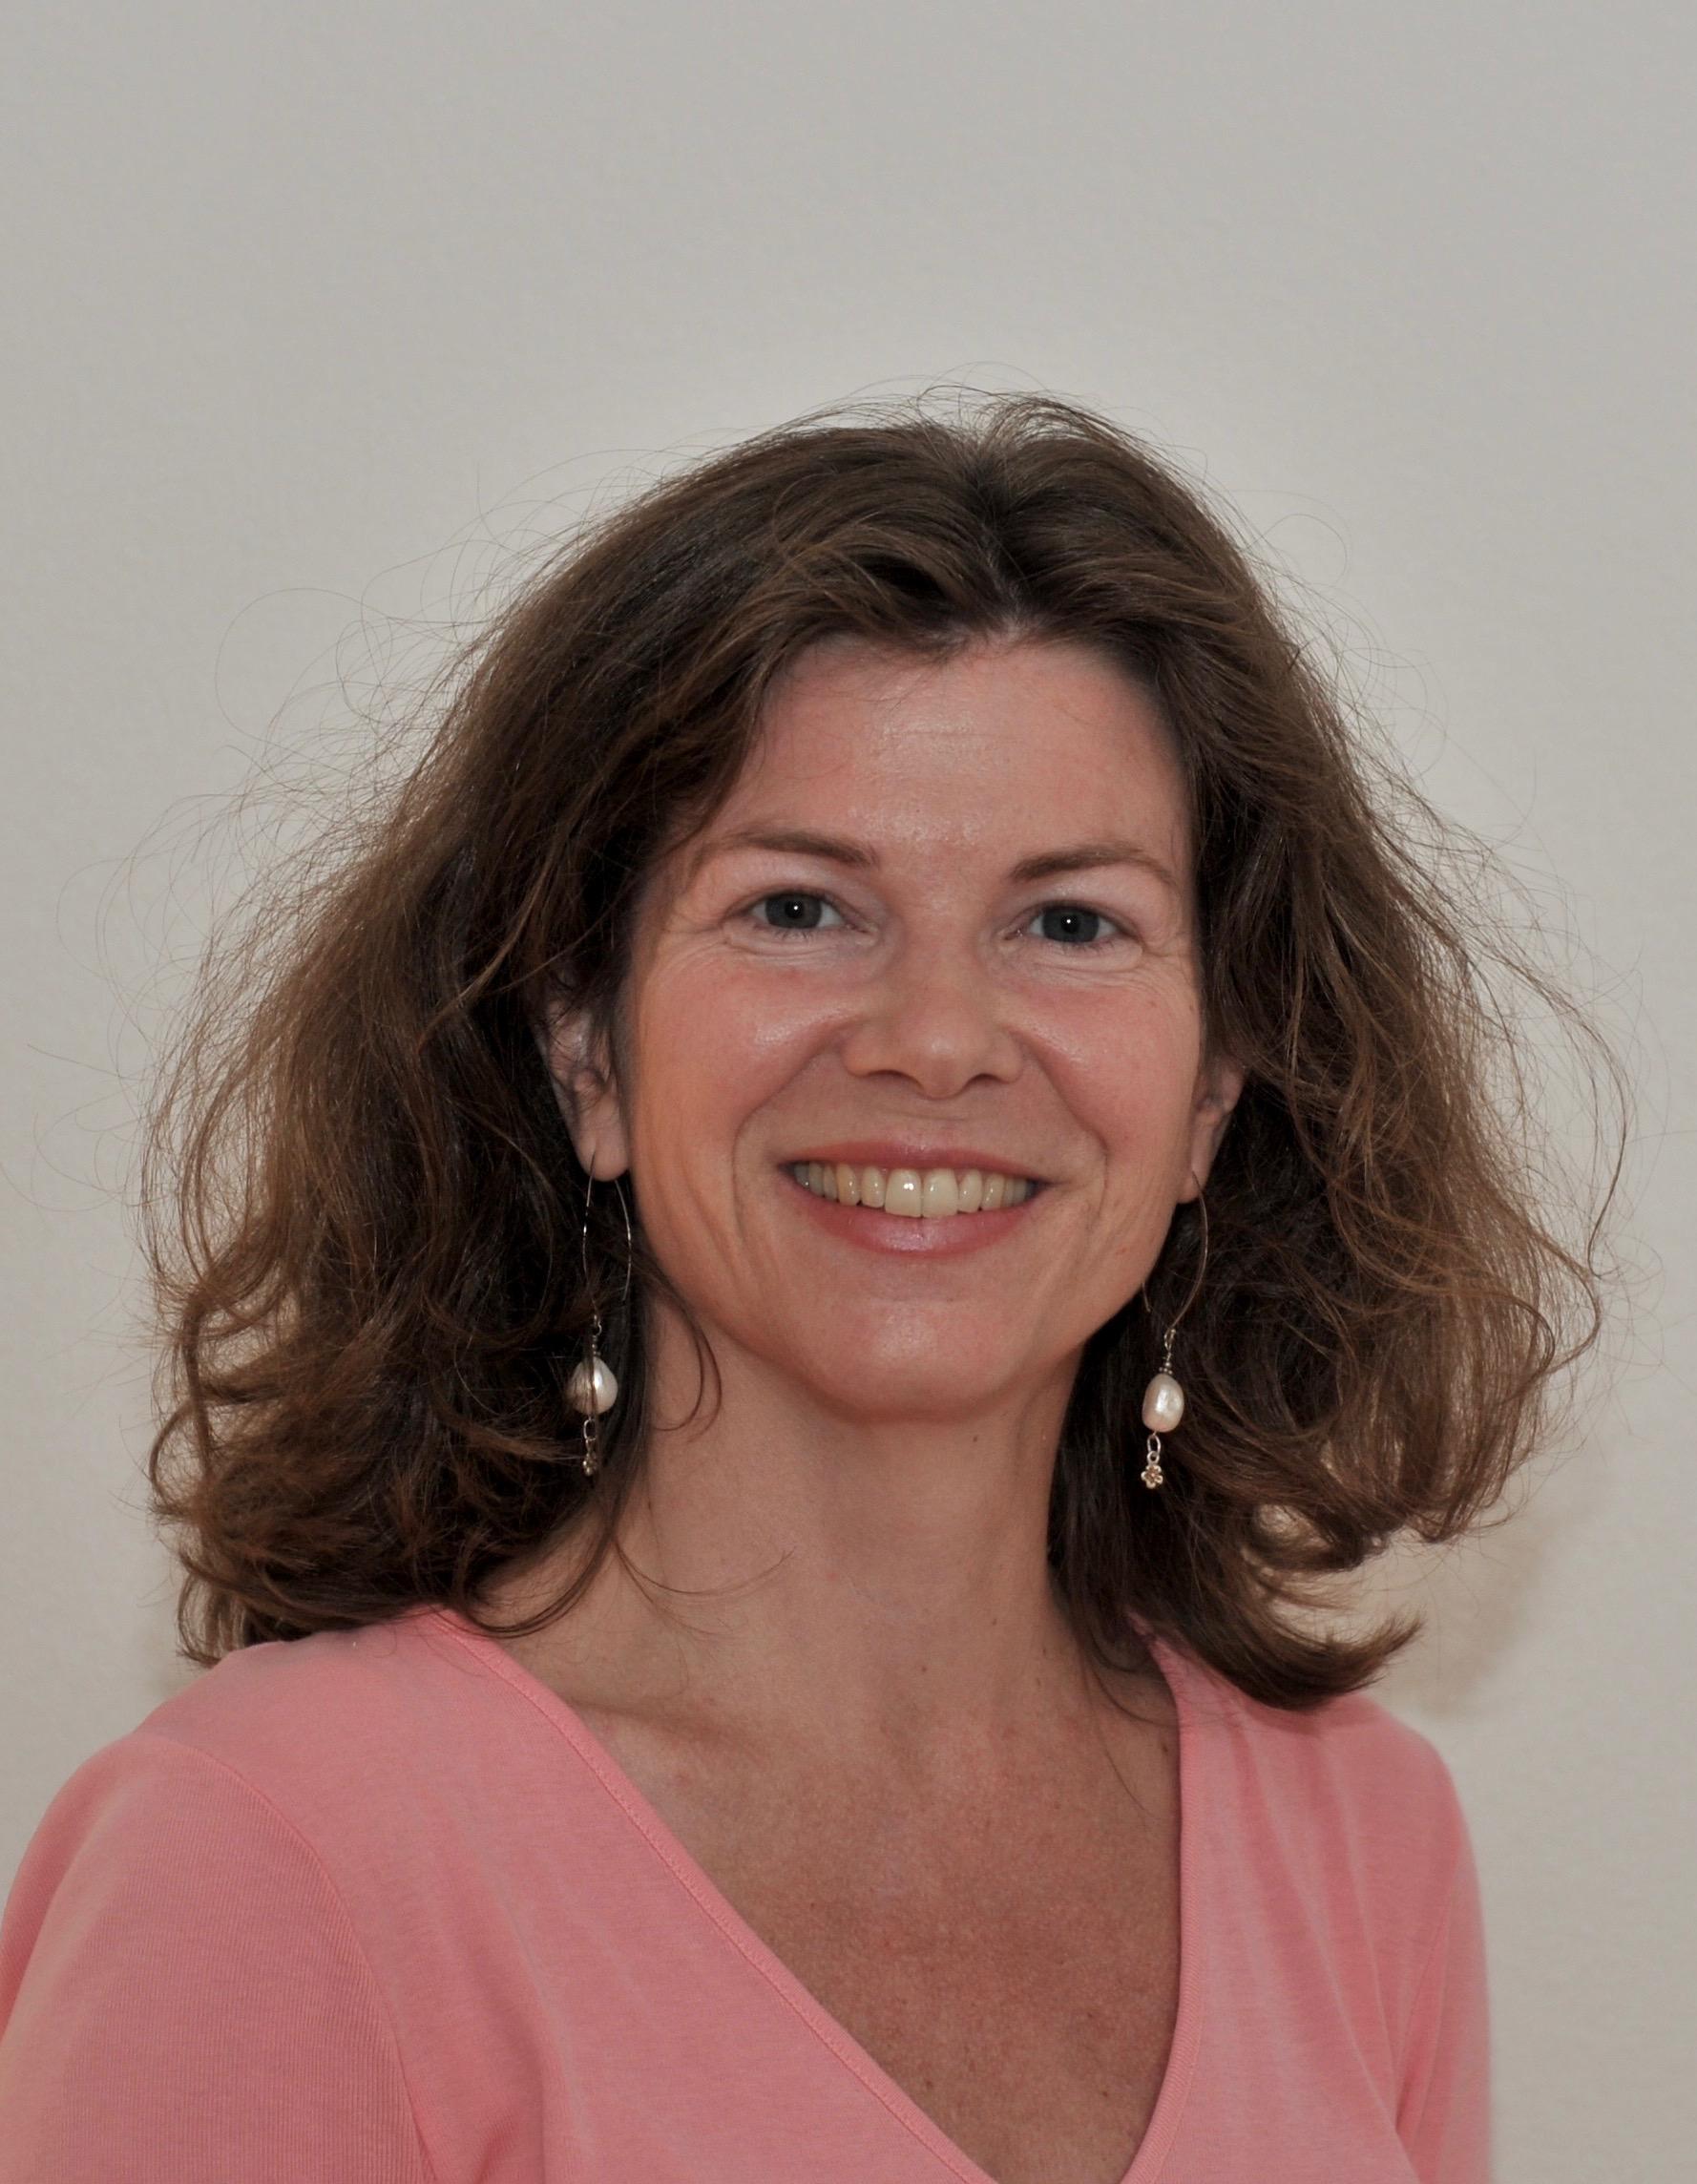 Stefanie Leuenberger - Stefanie Leuenberger, 1972 geboren, ist Privatdozentin für Literatur- und Kulturwissenschaft an der ETH Zürich. Sie leitet das Jubiläumsprojekt «Carl Spitteler – 100 Jahre Literaturnobelpreis 1919–2019».Bild © Niklaus Leuenberger